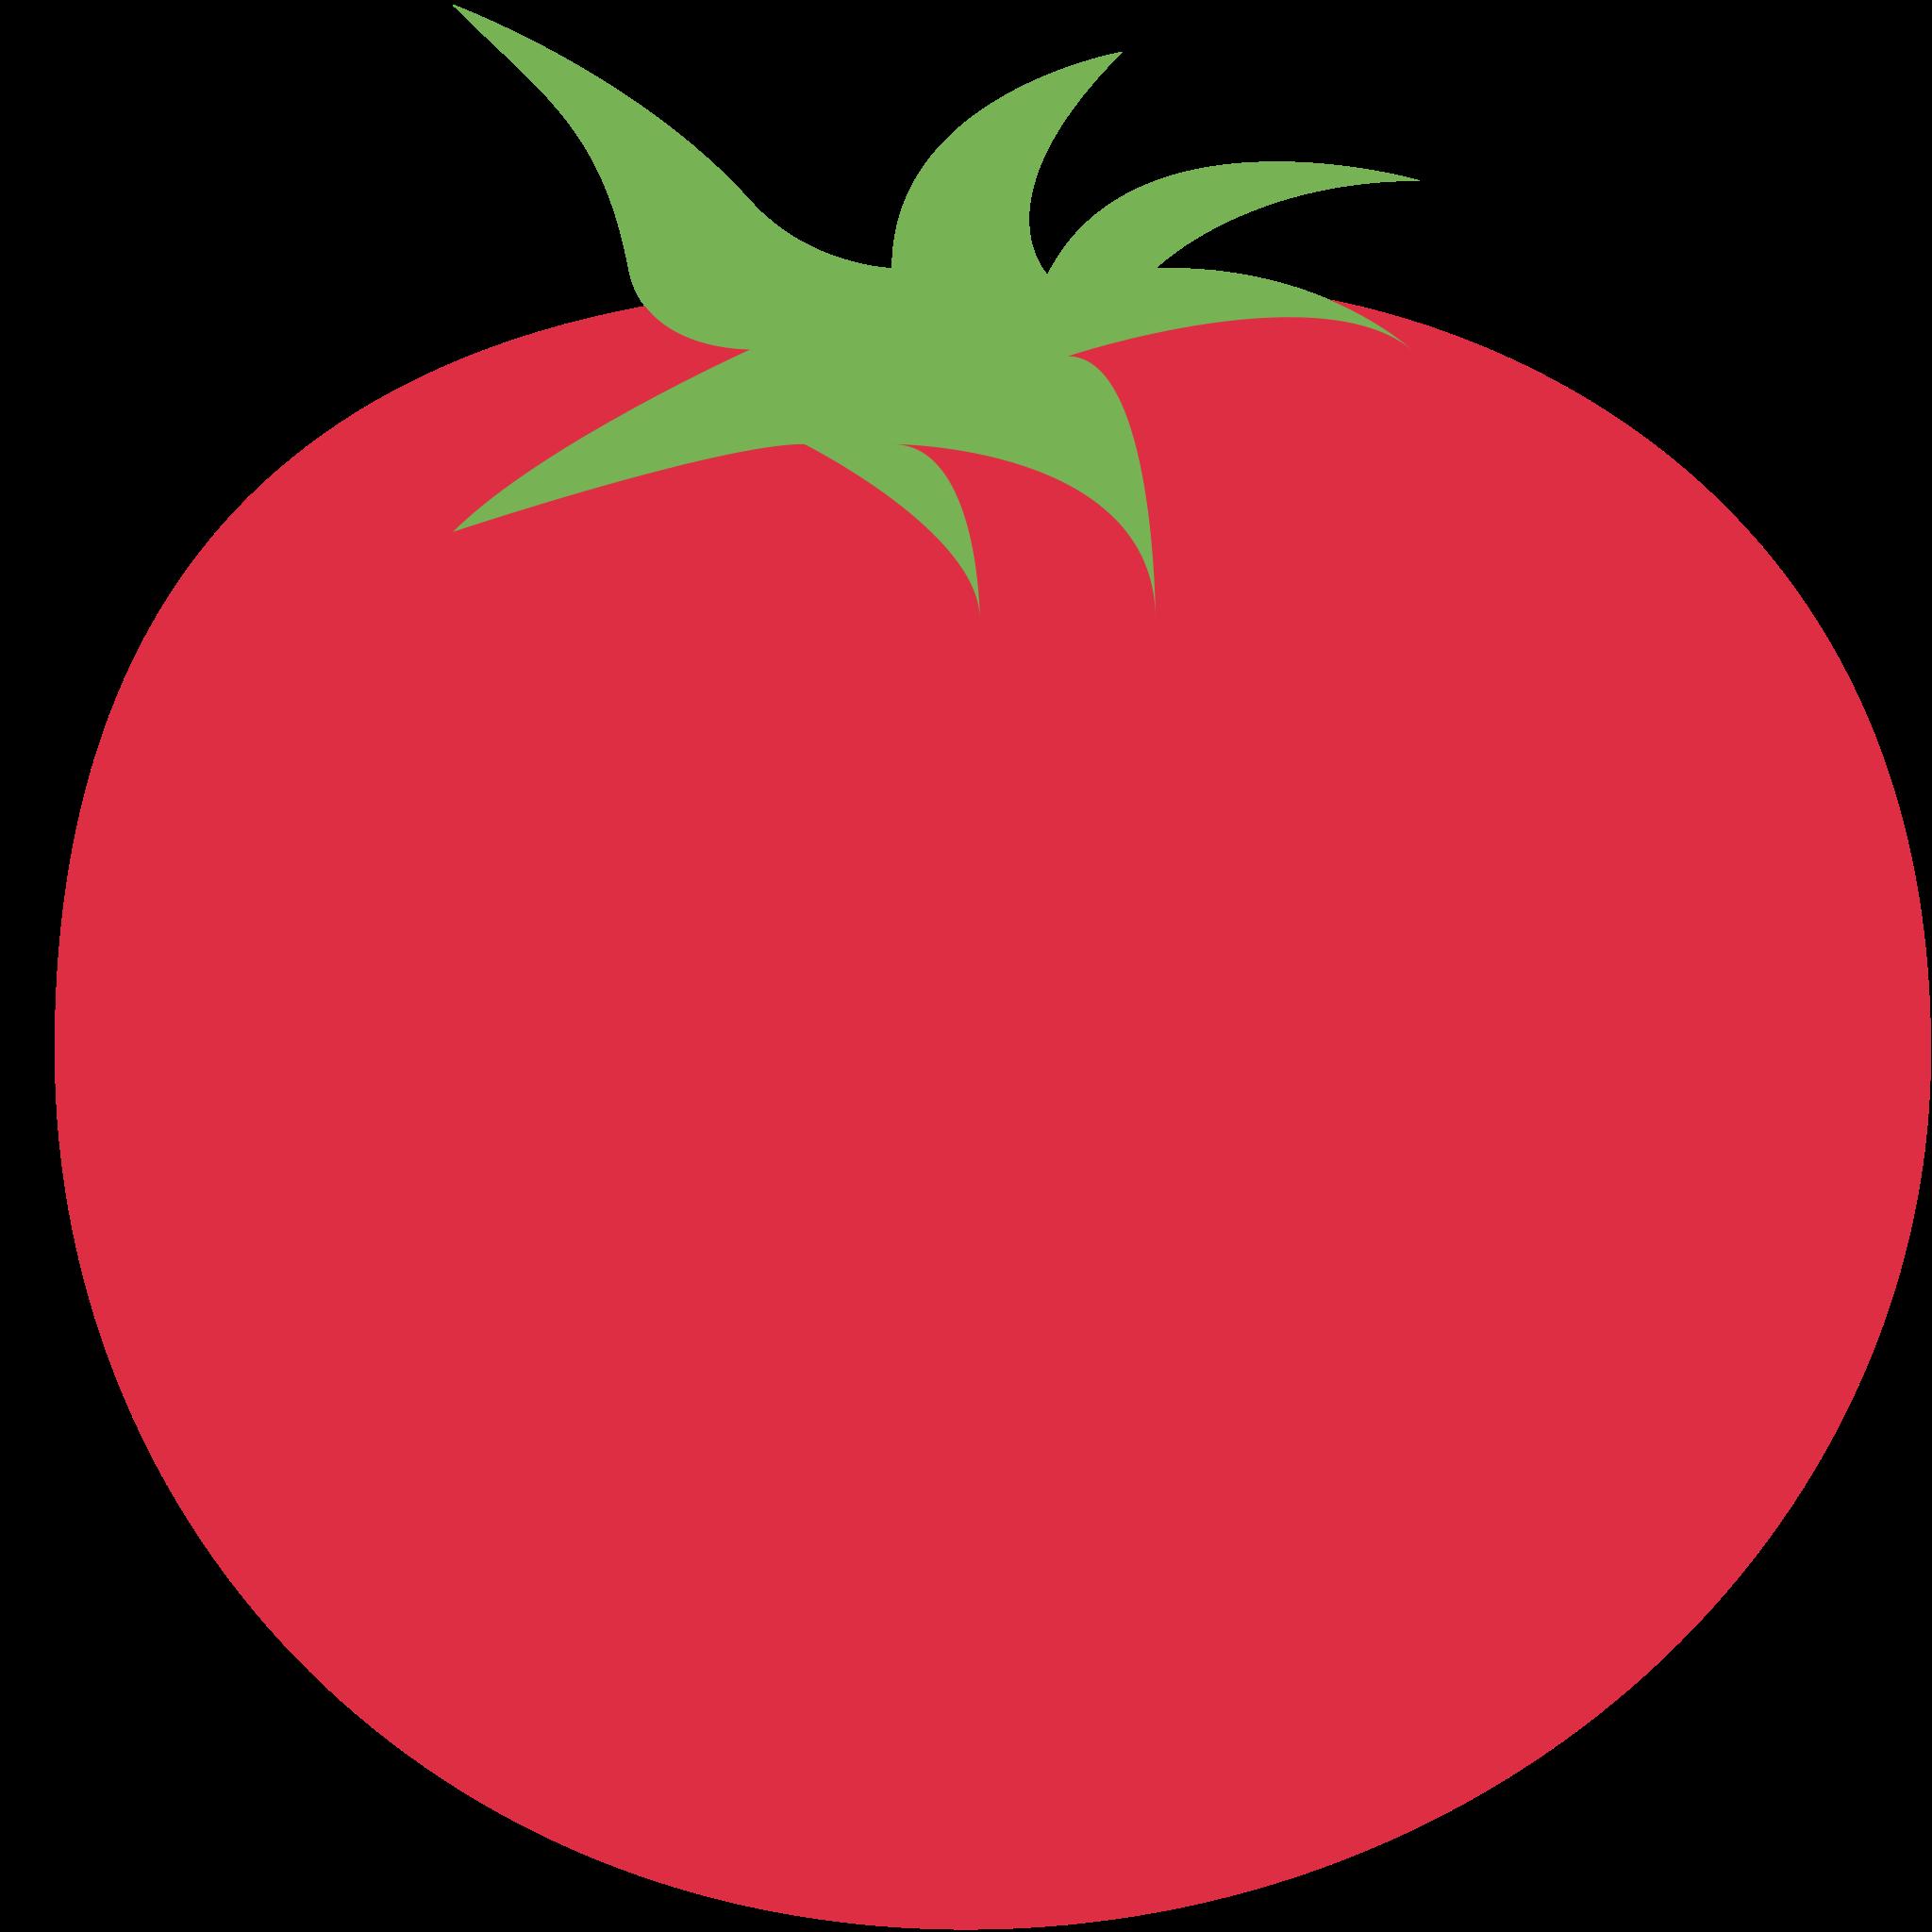 Tomatoes clipart fun. Sticker timeline tomato